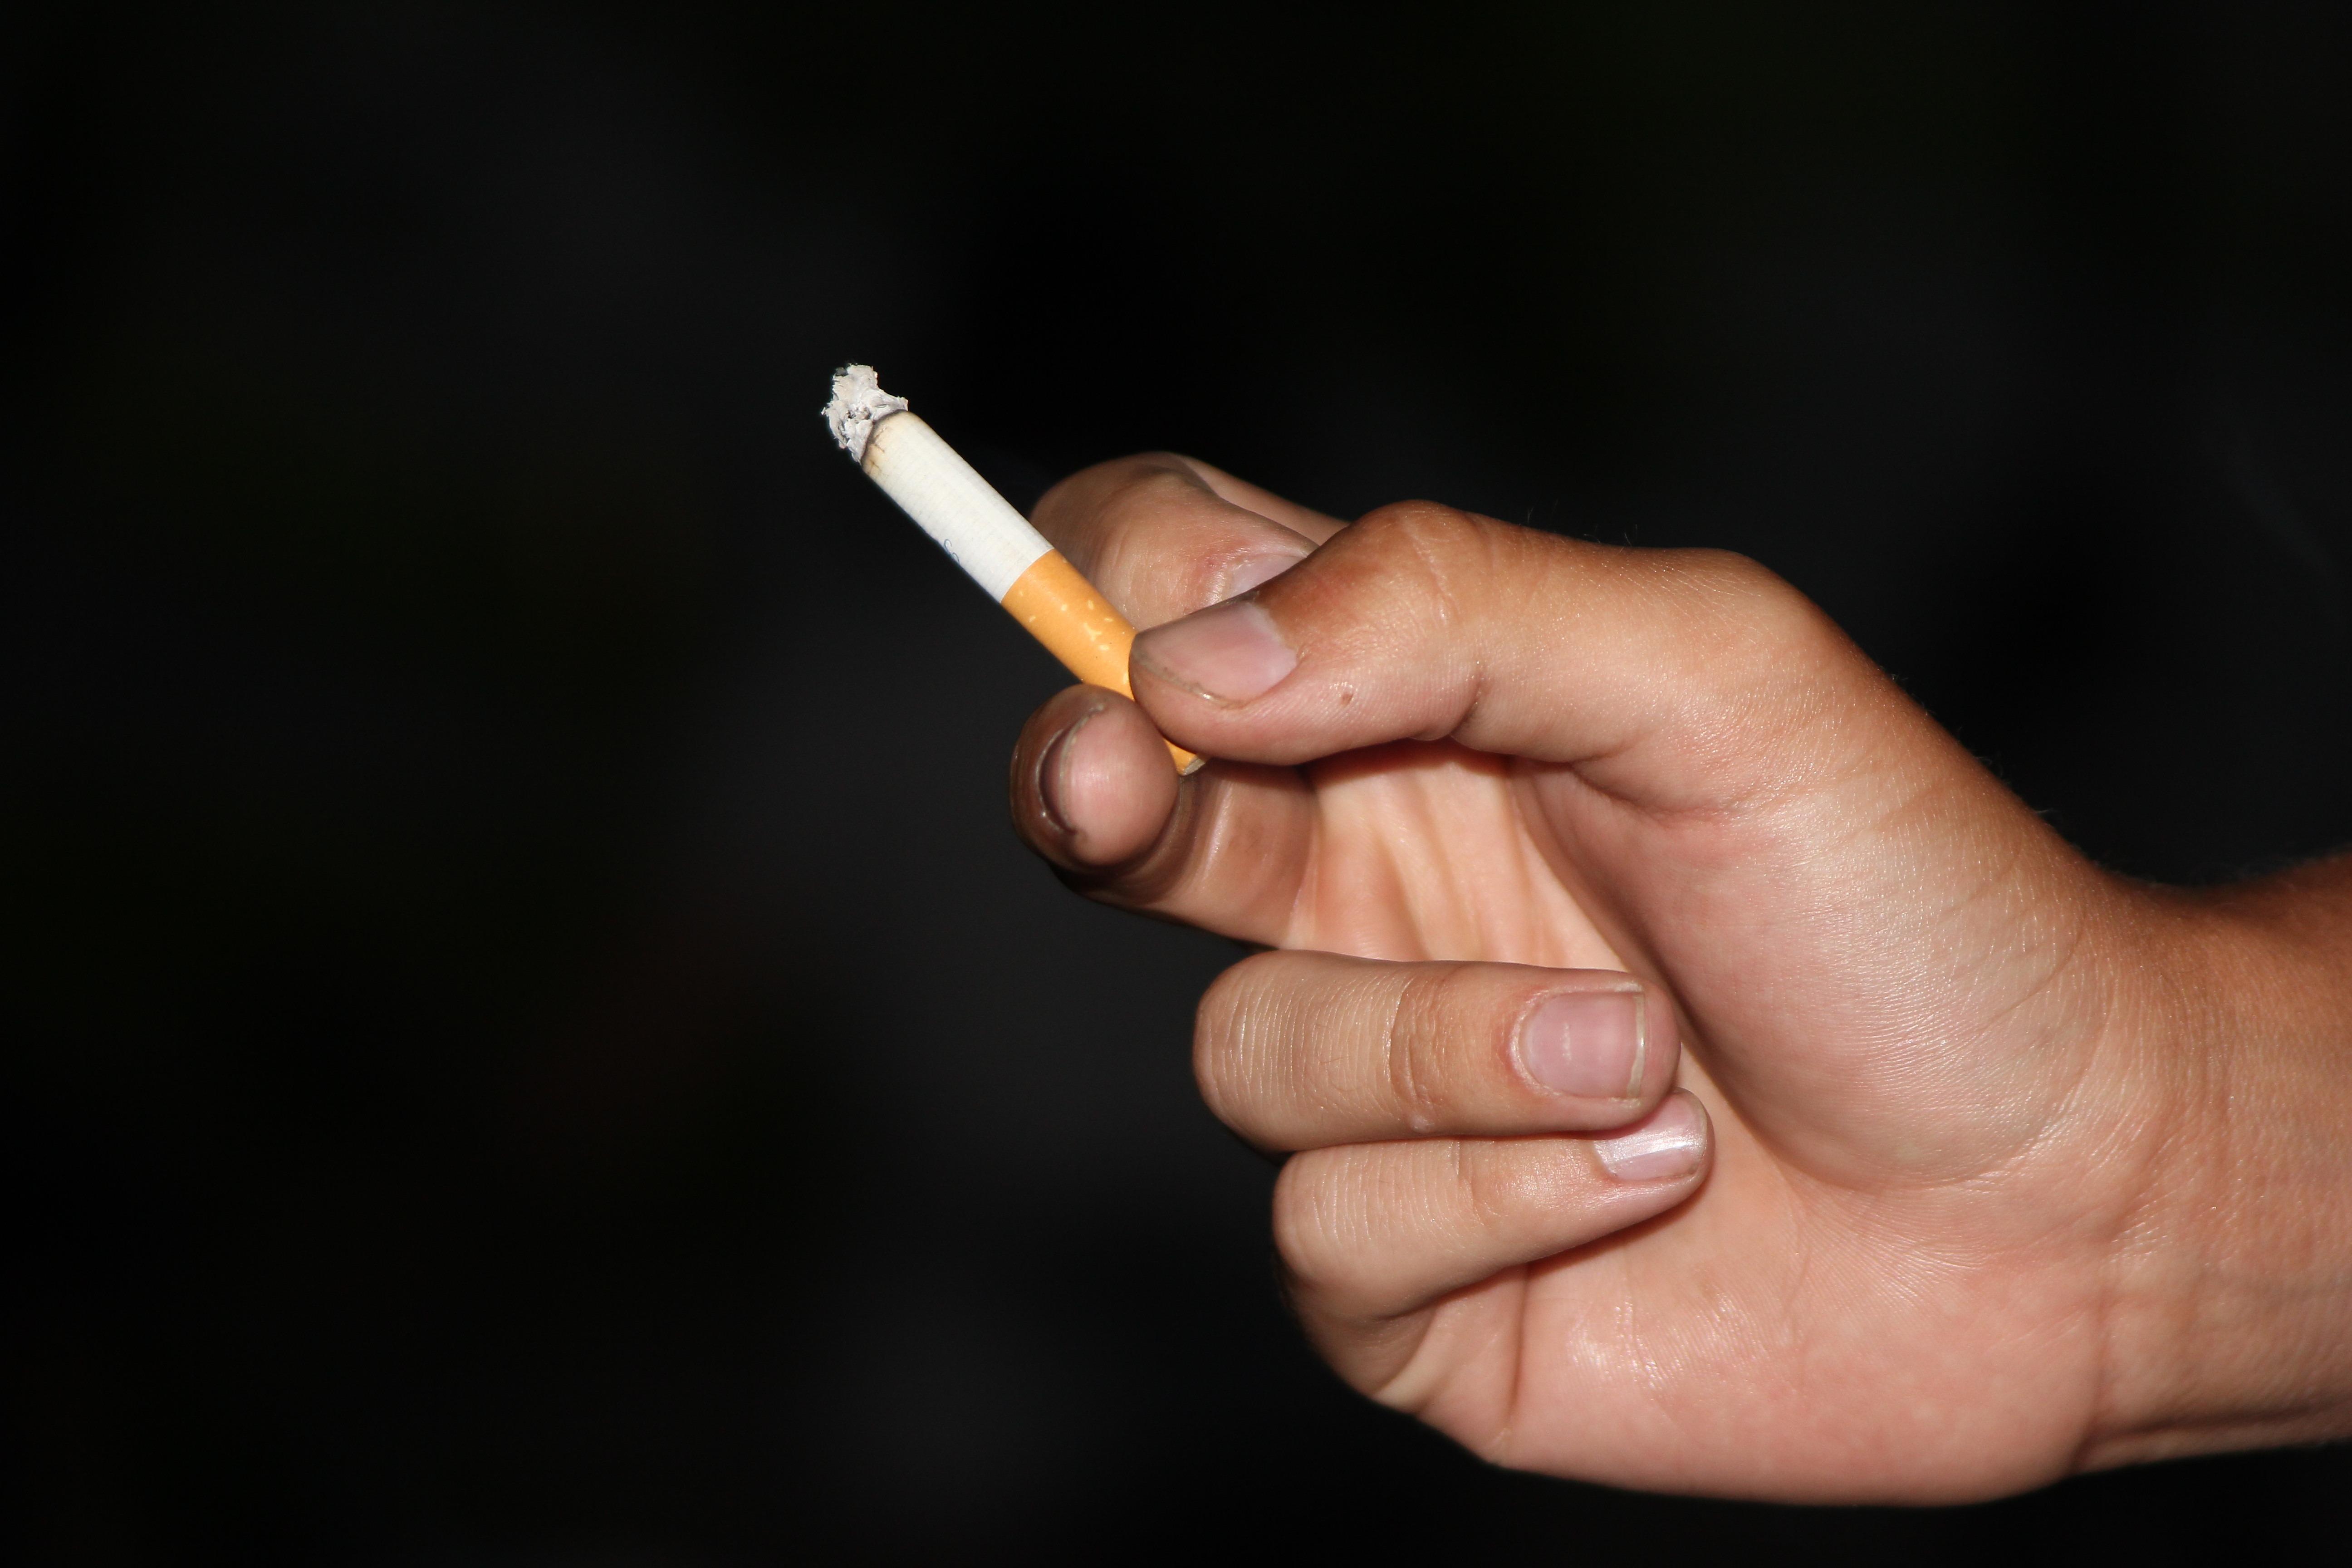 de fumar mano